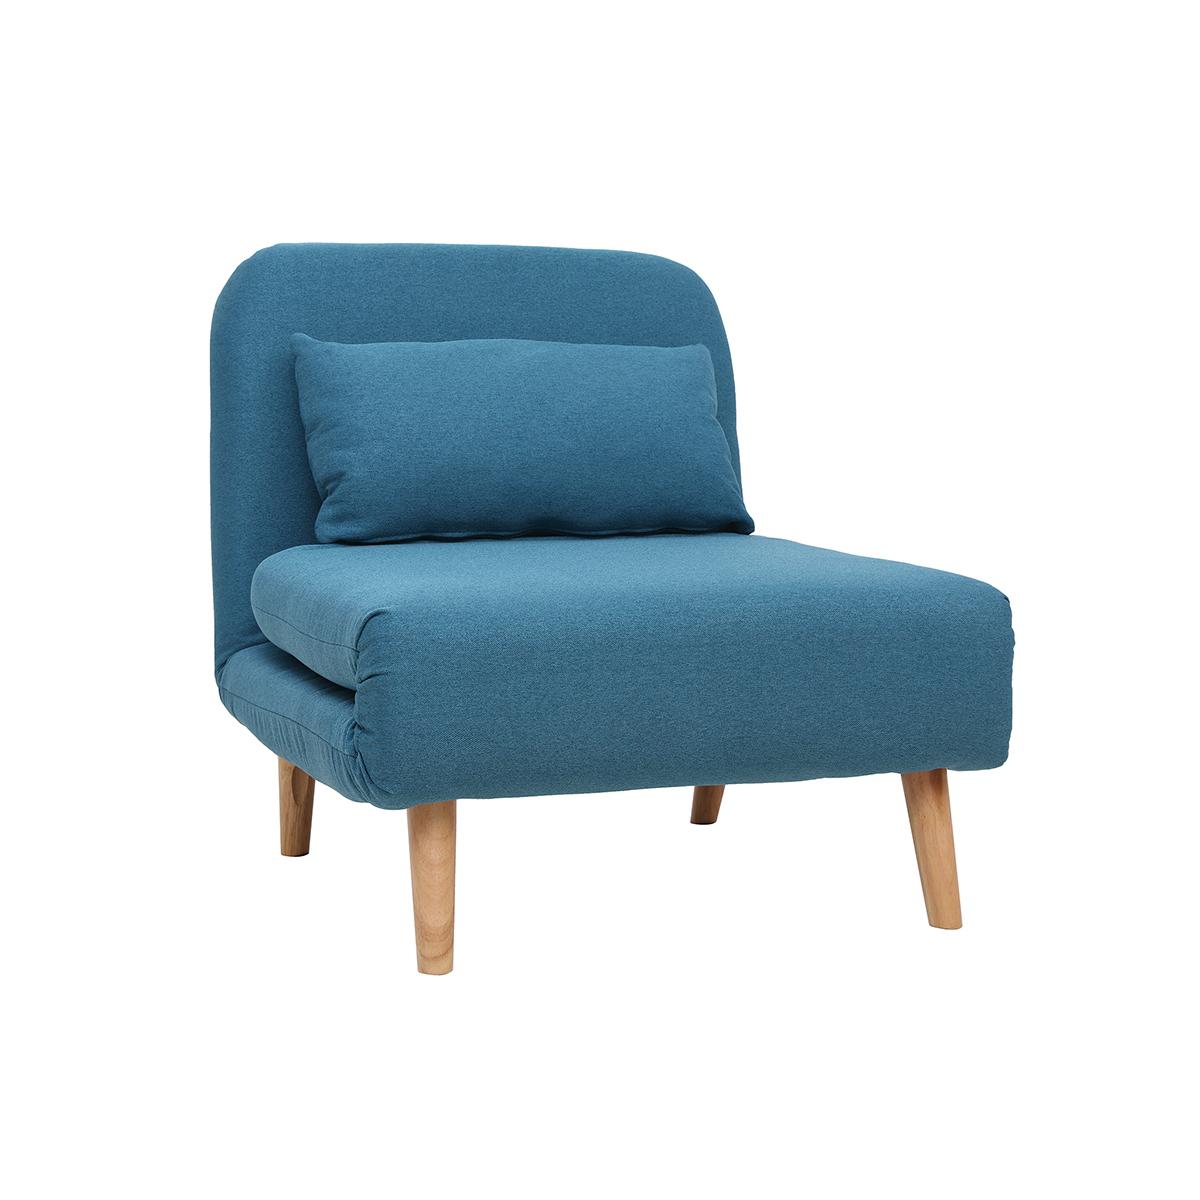 Poltrona letto convertibile in tessuto blu anatra AMIKO